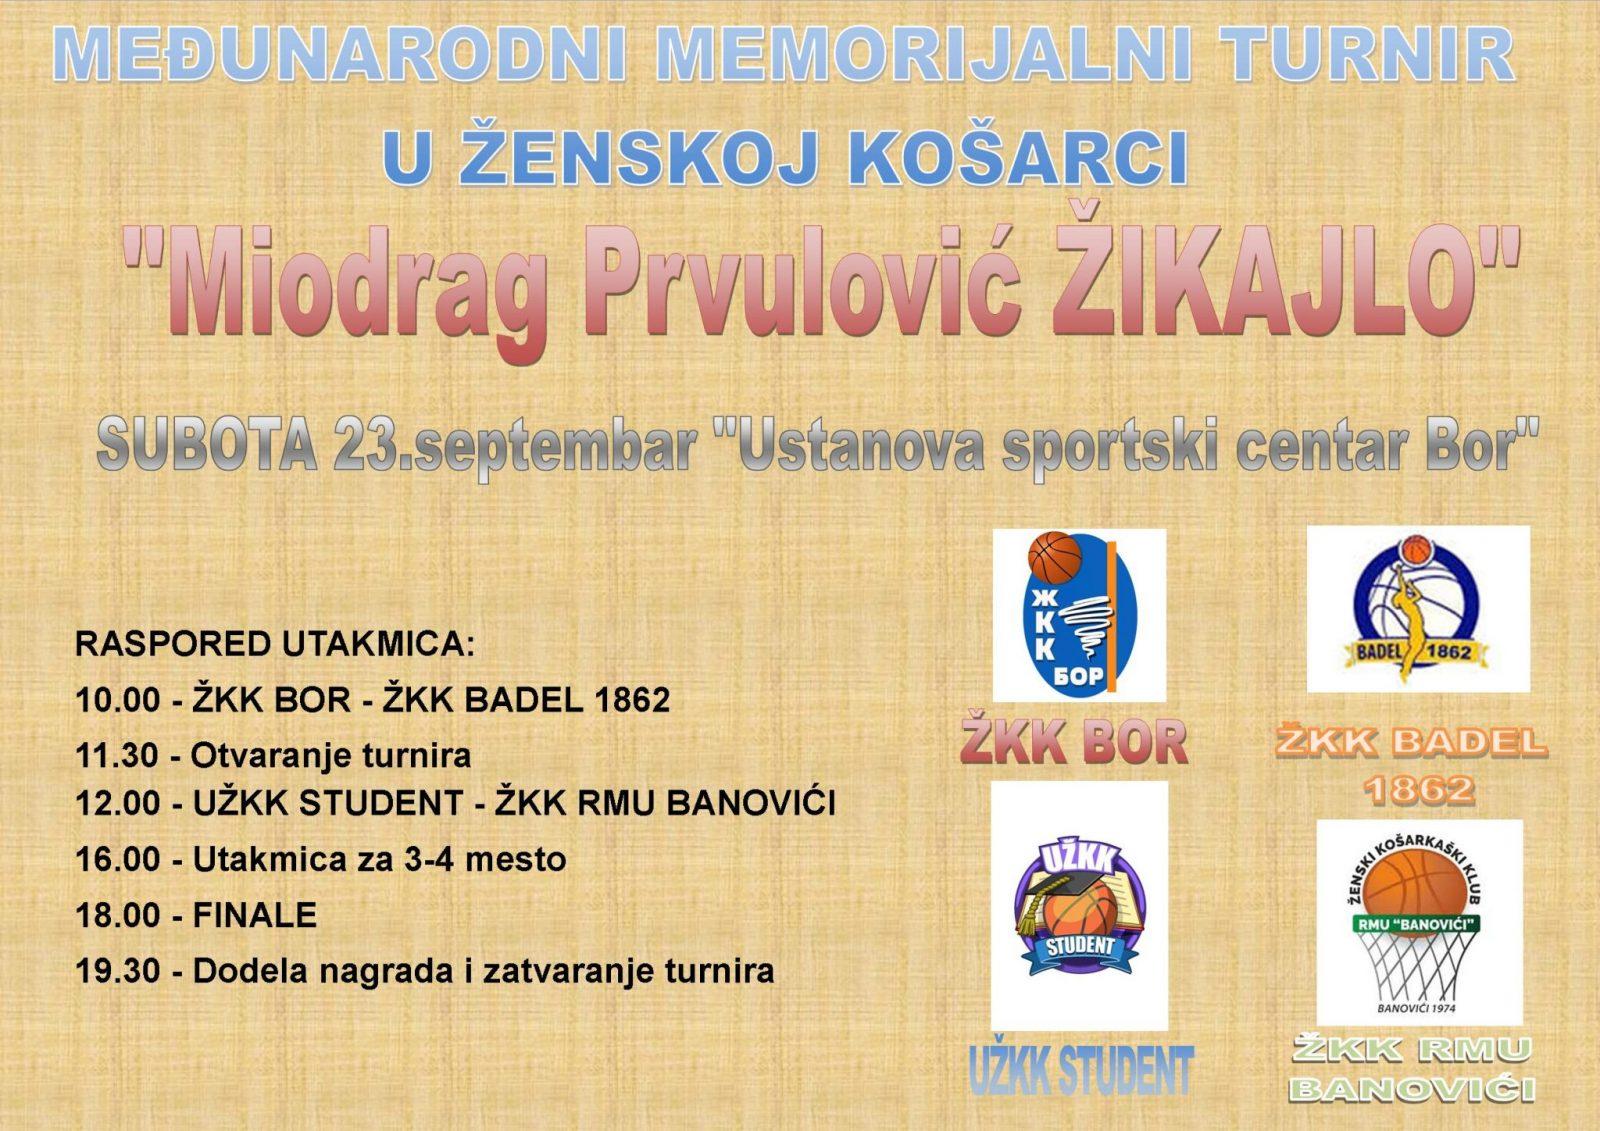 """Međunarodni memorijalni turnir """"Miodrag Prvulović Žikajlo"""" - Subota 23.septembar"""